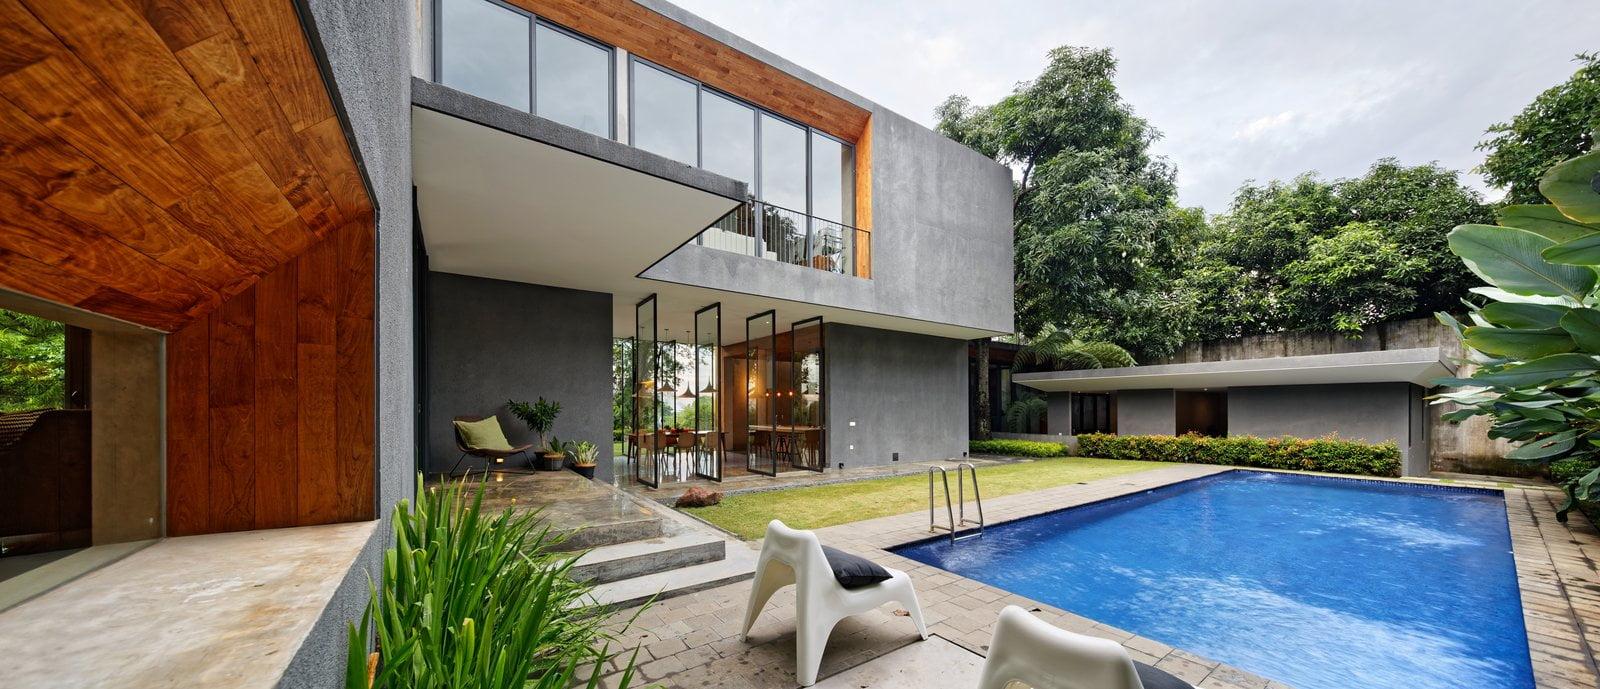 Các mẫu nhà đẹp 2 tầng hiện đại 18